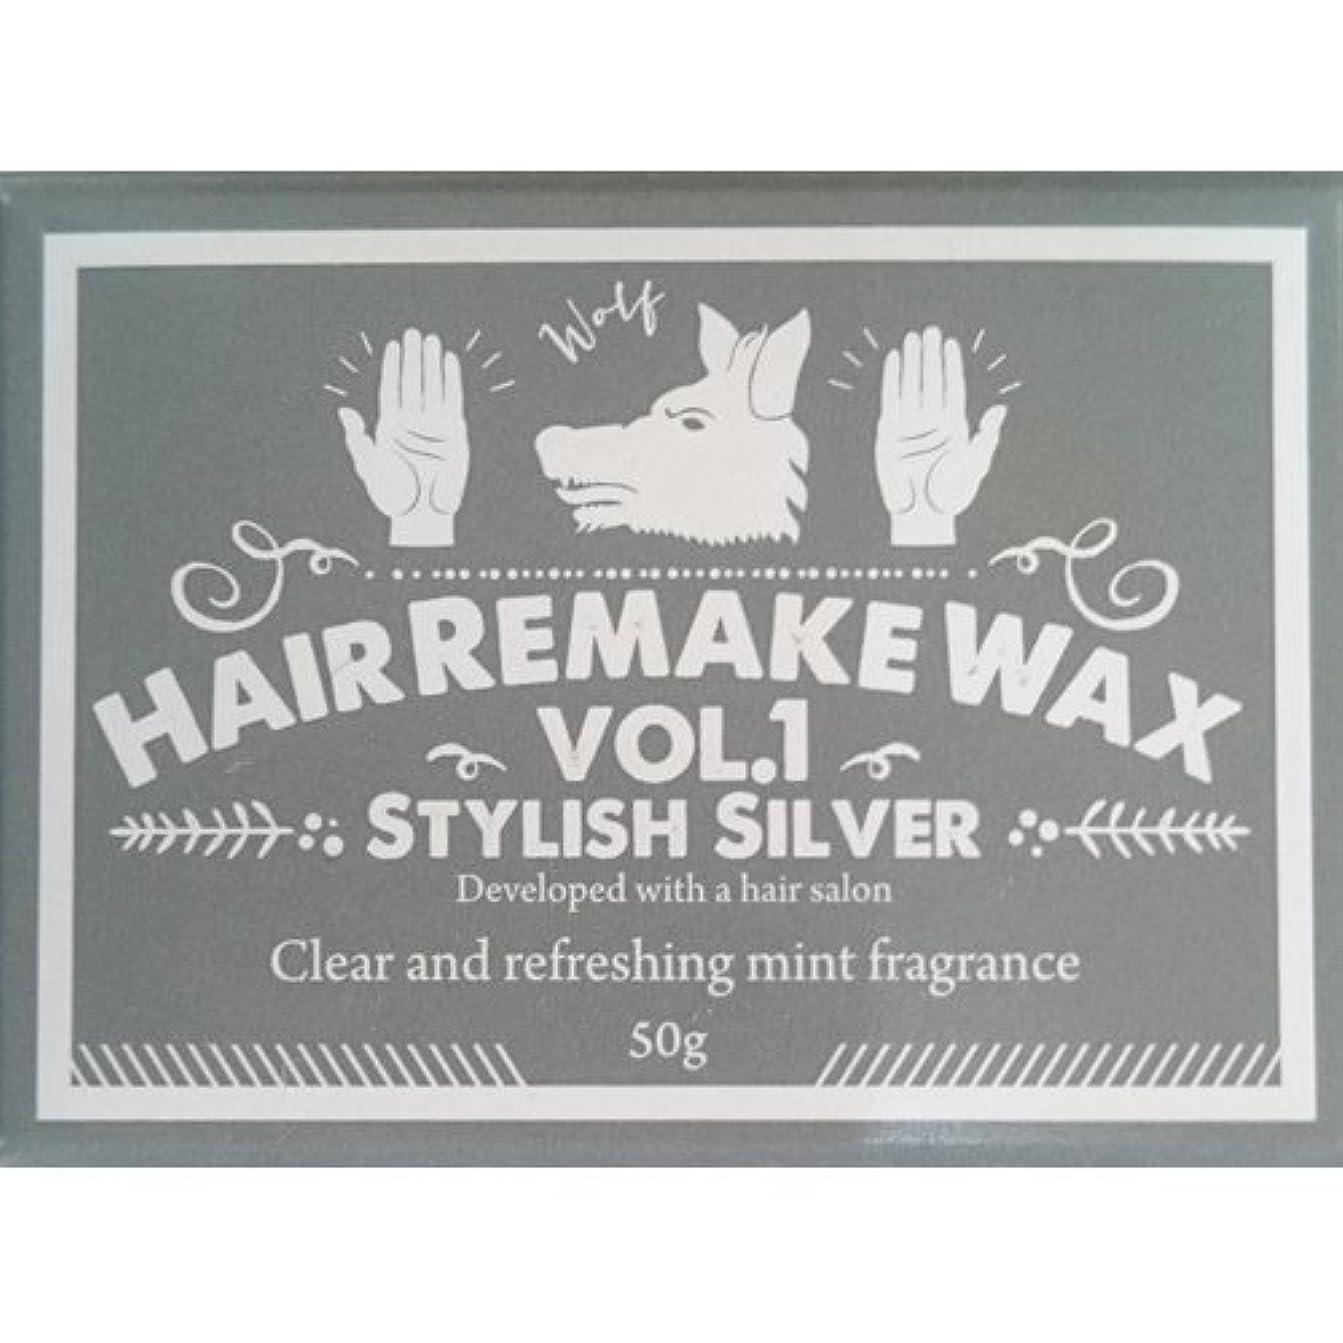 修復を通して思慮のないパーティー 変装 銀髪用 Hair Remake(ヘアーリメイクワックス)WAX Vol.1 スタイリッシュシルバー 50g